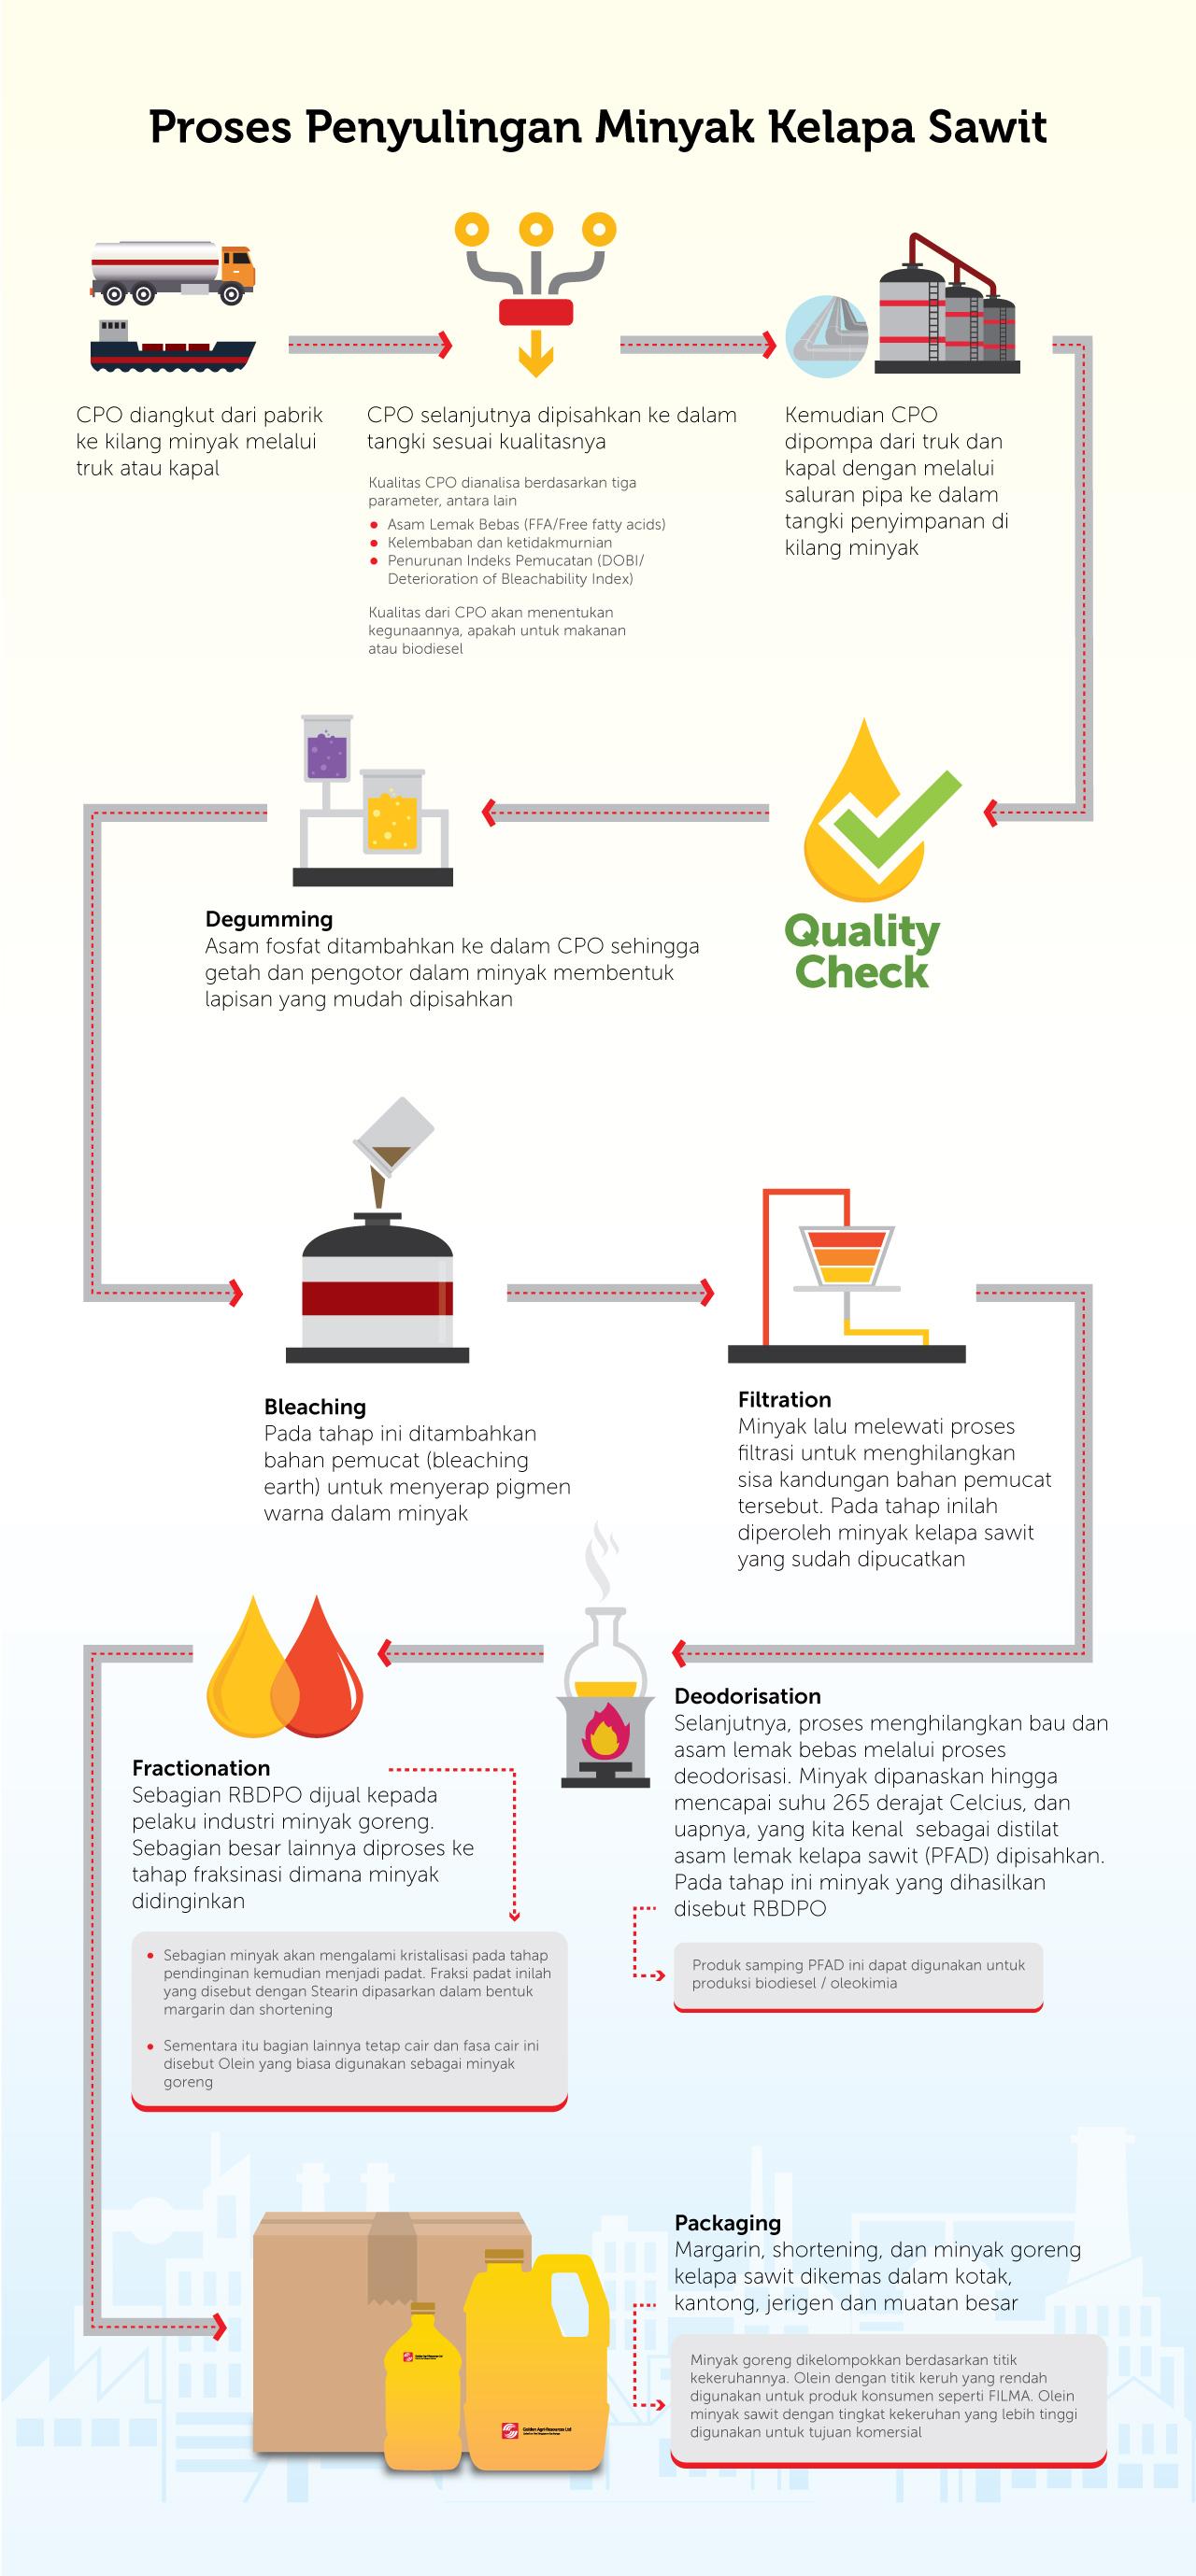 Proses penyulingan minyak kelapa sawit - PT Sinar Mas Agro Resources and Technology Tbk (PT